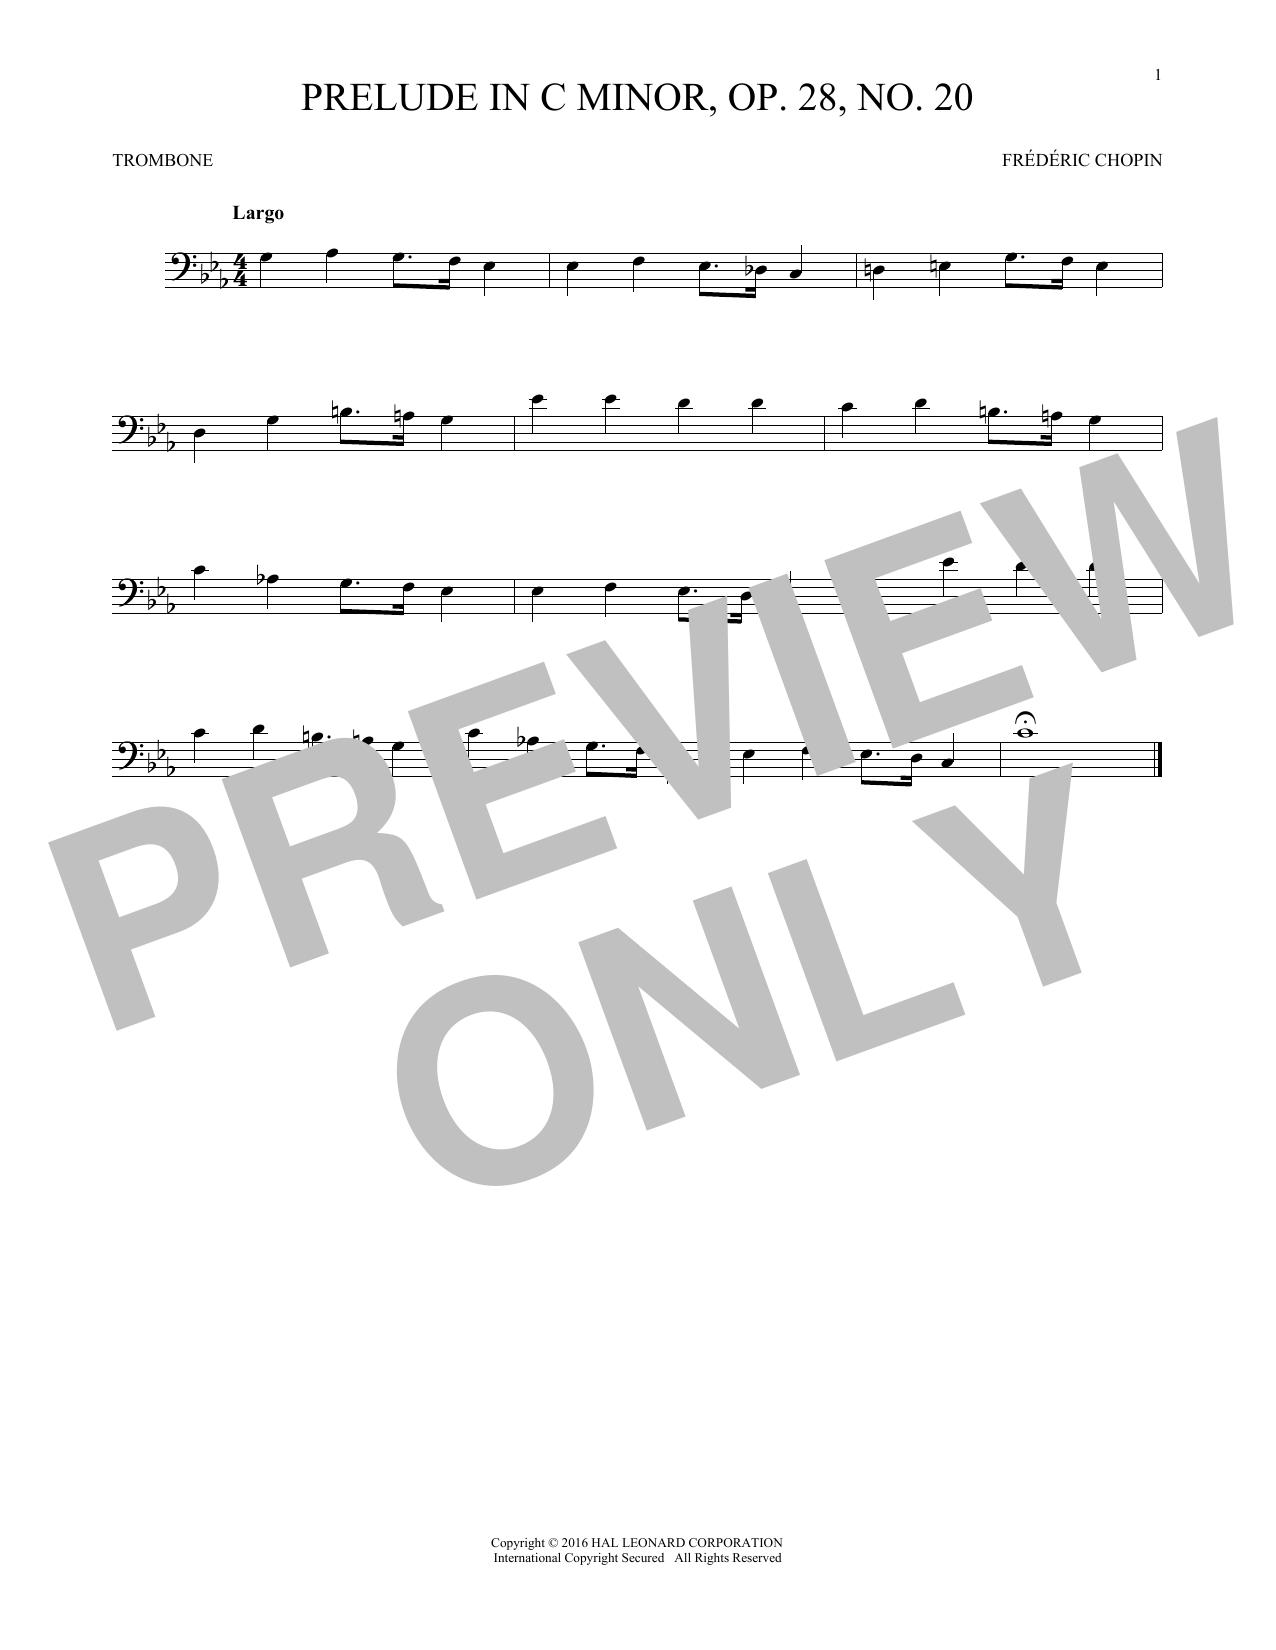 Prelude, Op. 28, No. 20 (Trombone Solo)